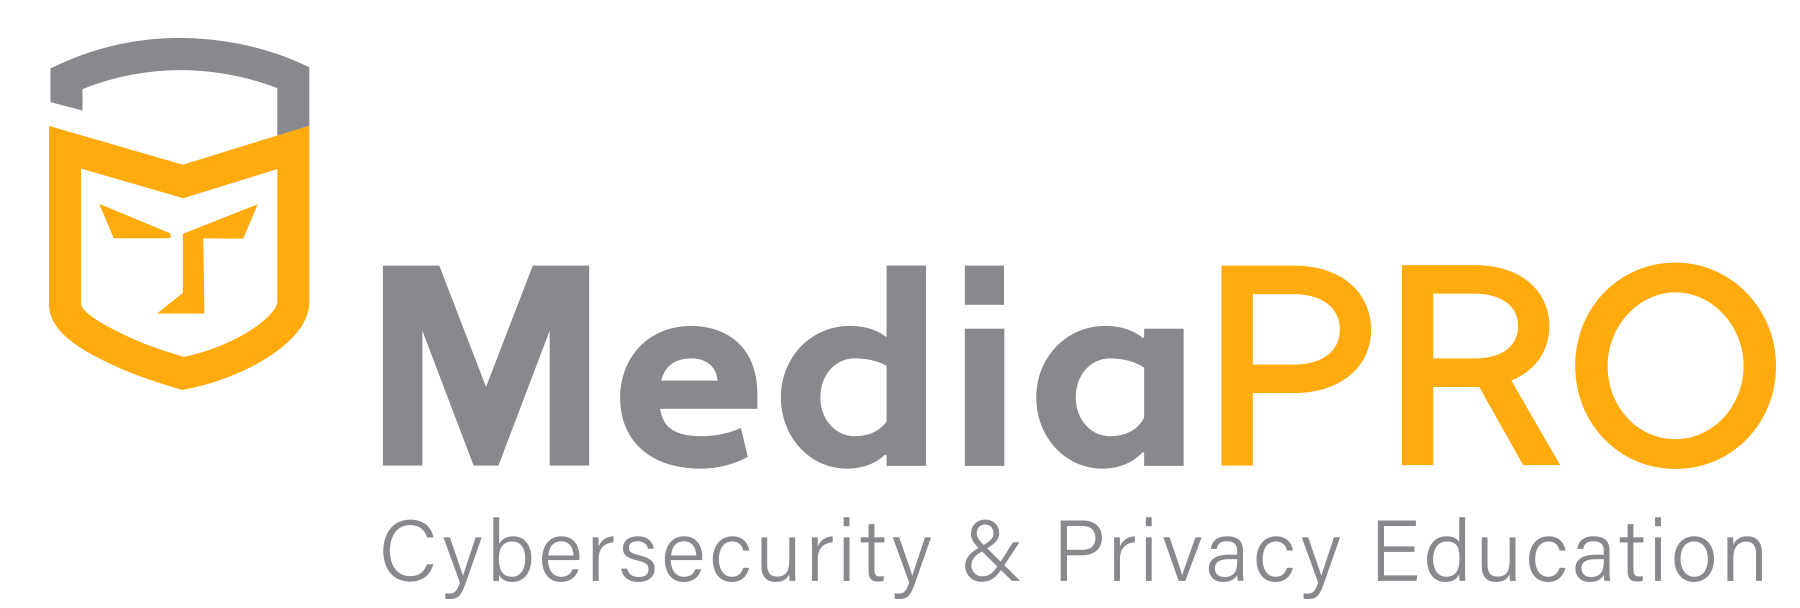 MediaPro_logo&tag